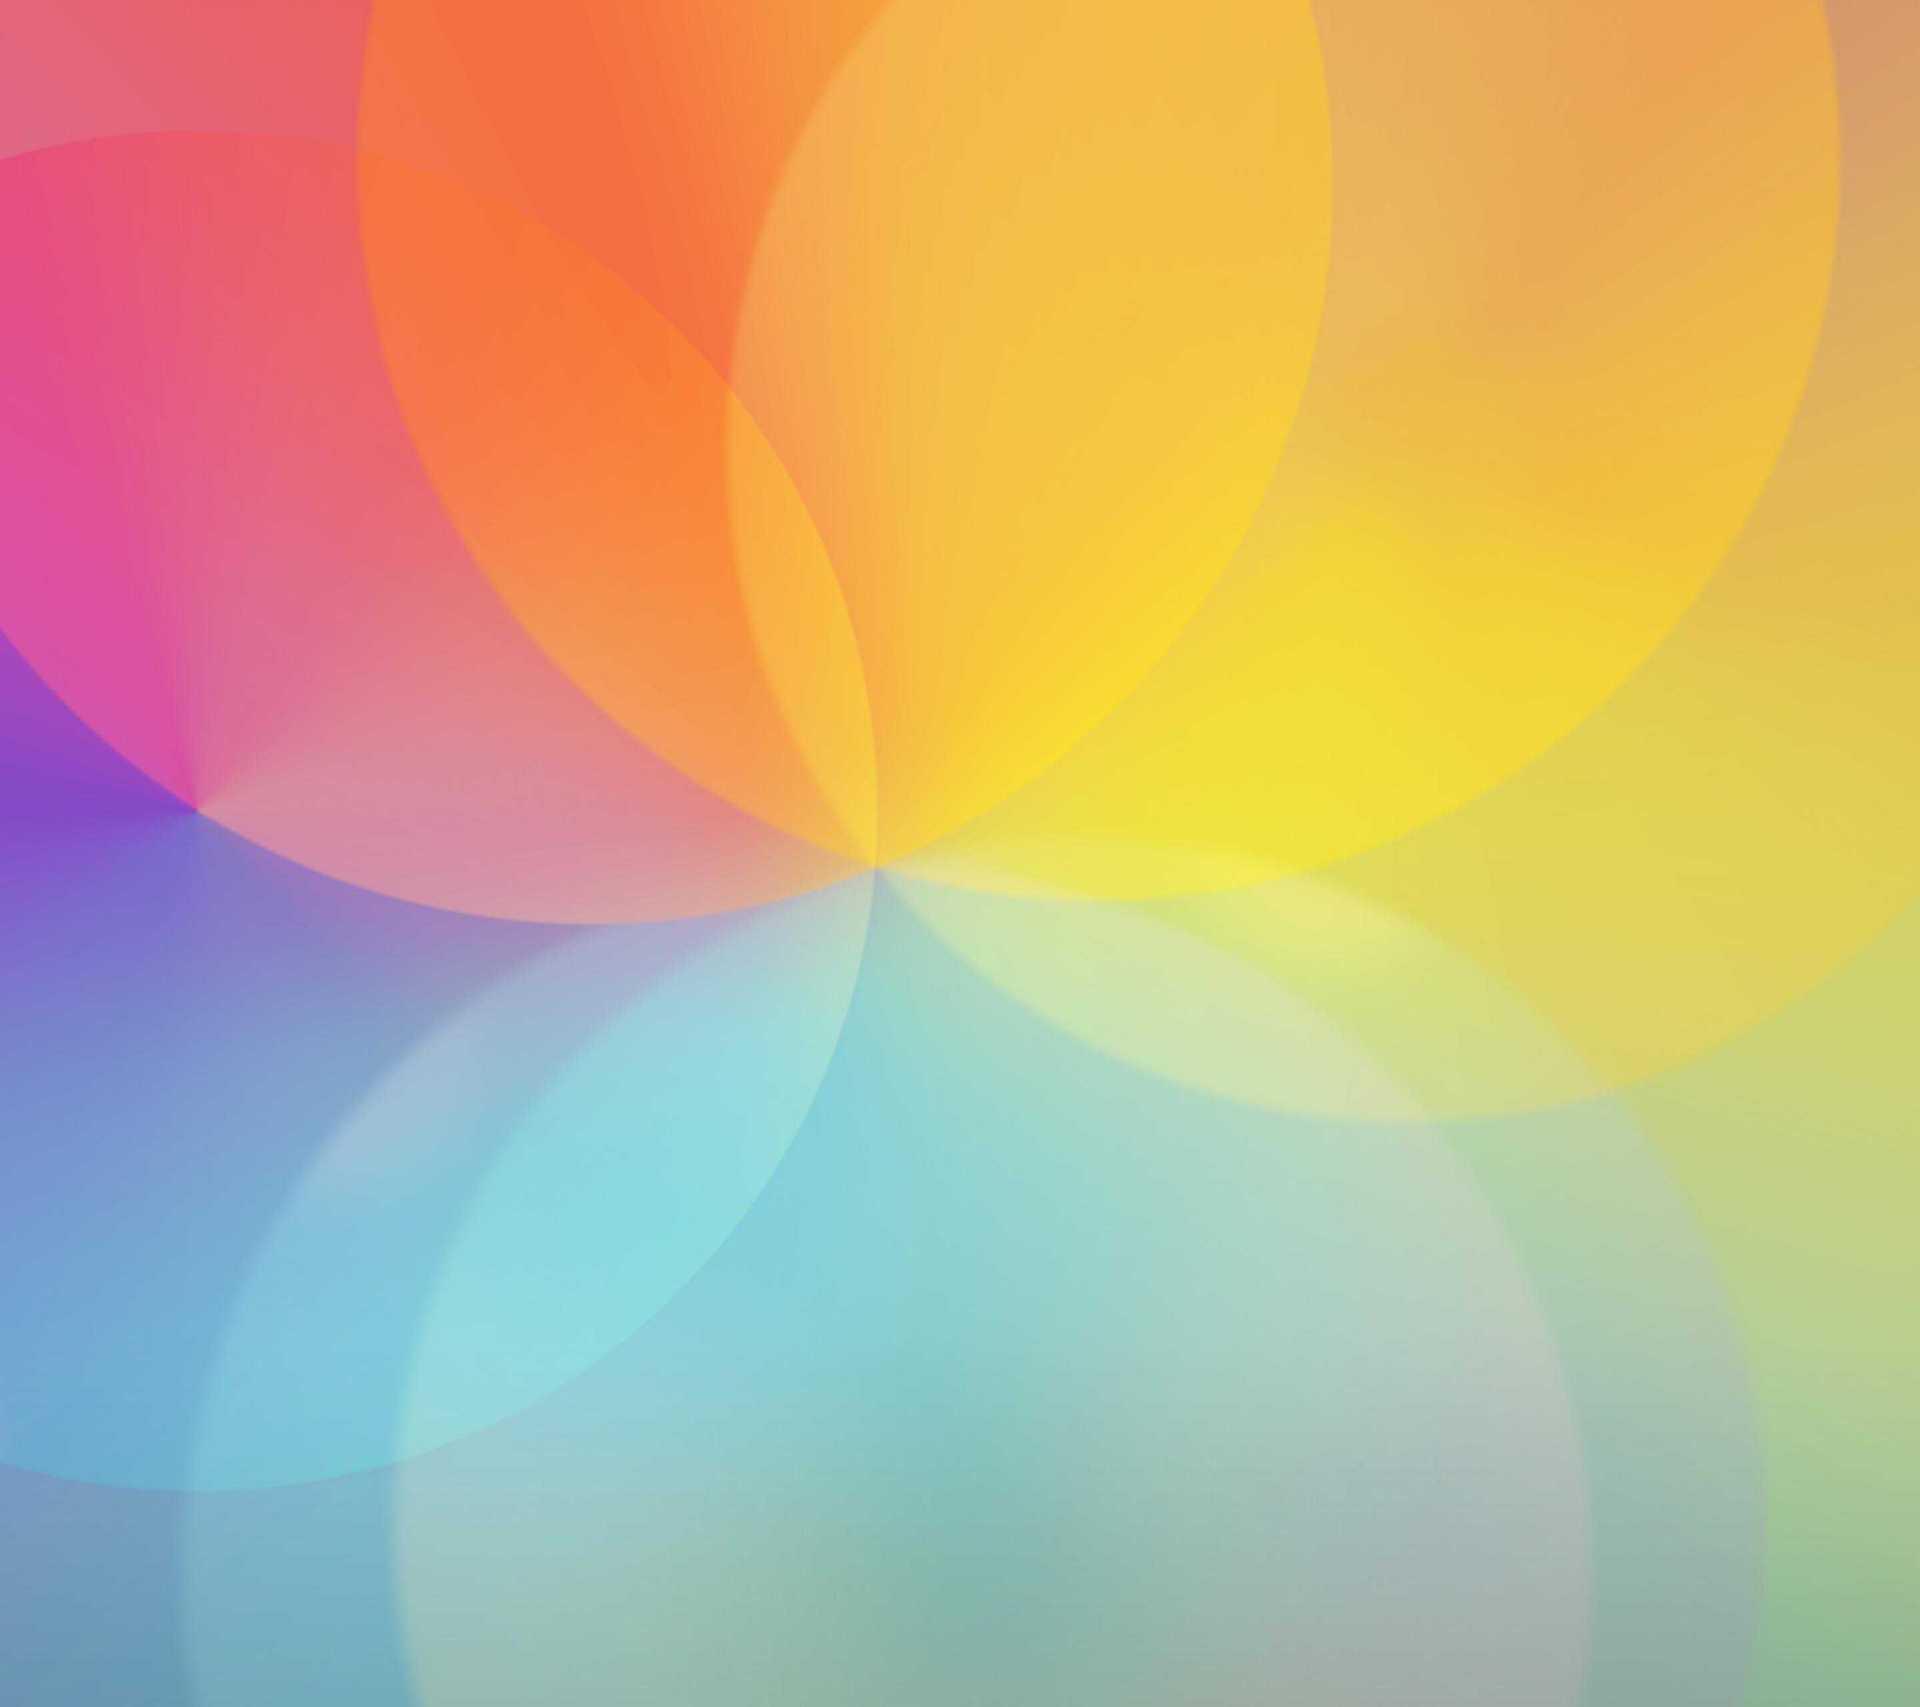 Disponibili gli sfondi QHD del nuovo LG G3 | Download ed immagini